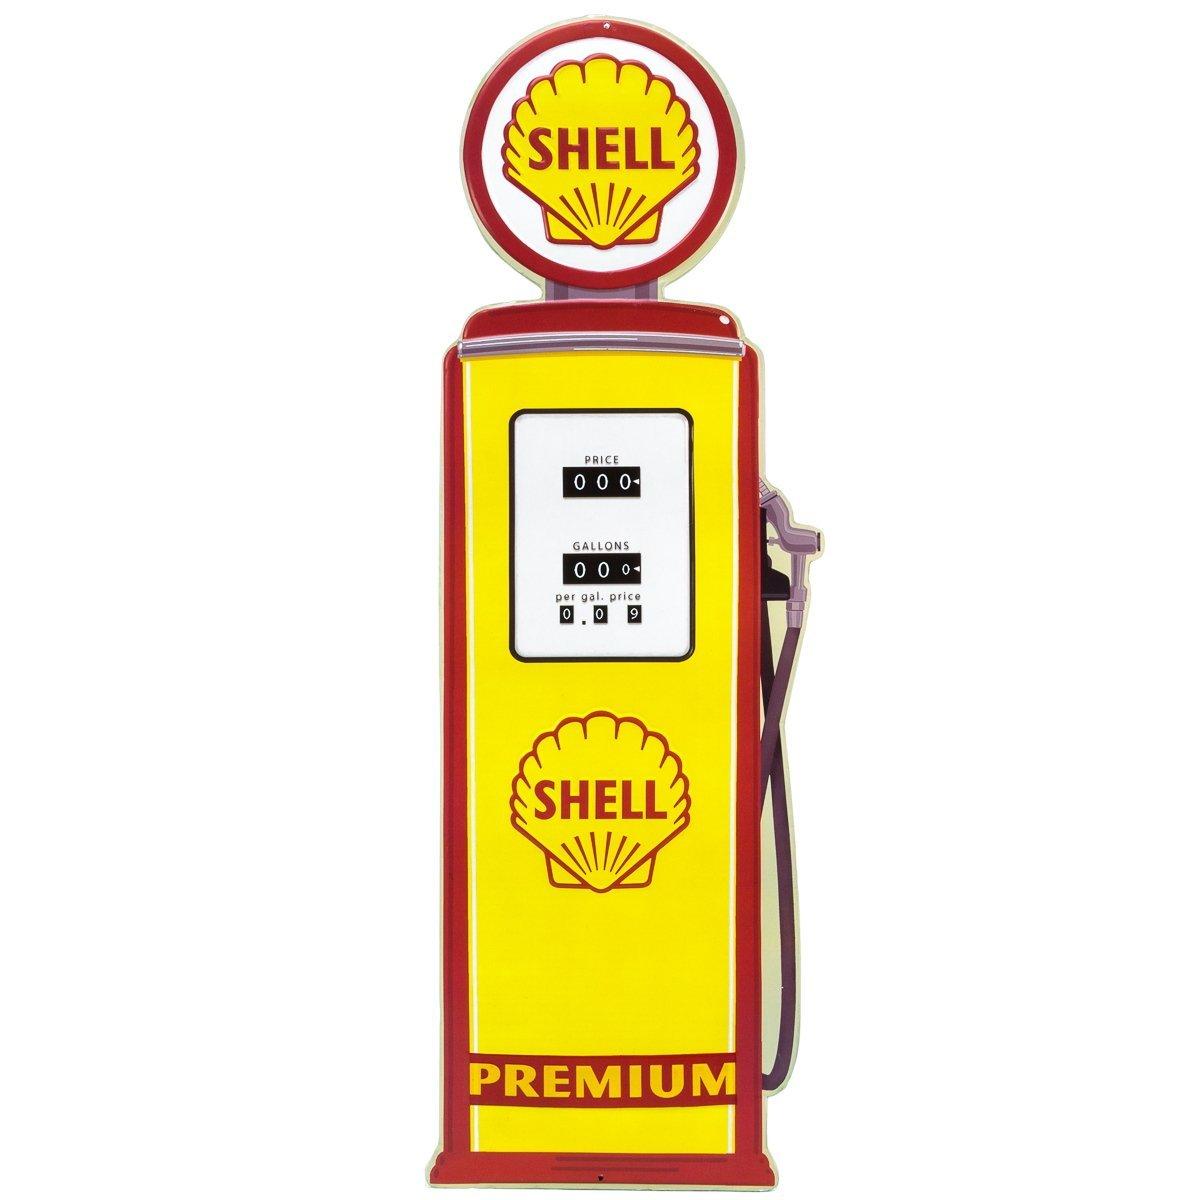 ダイカットメタルサイン 「ガスポンプ型 SHELL」 /シェル/ブリキ看板/アメリカン雑貨/ B01EVMTYTA